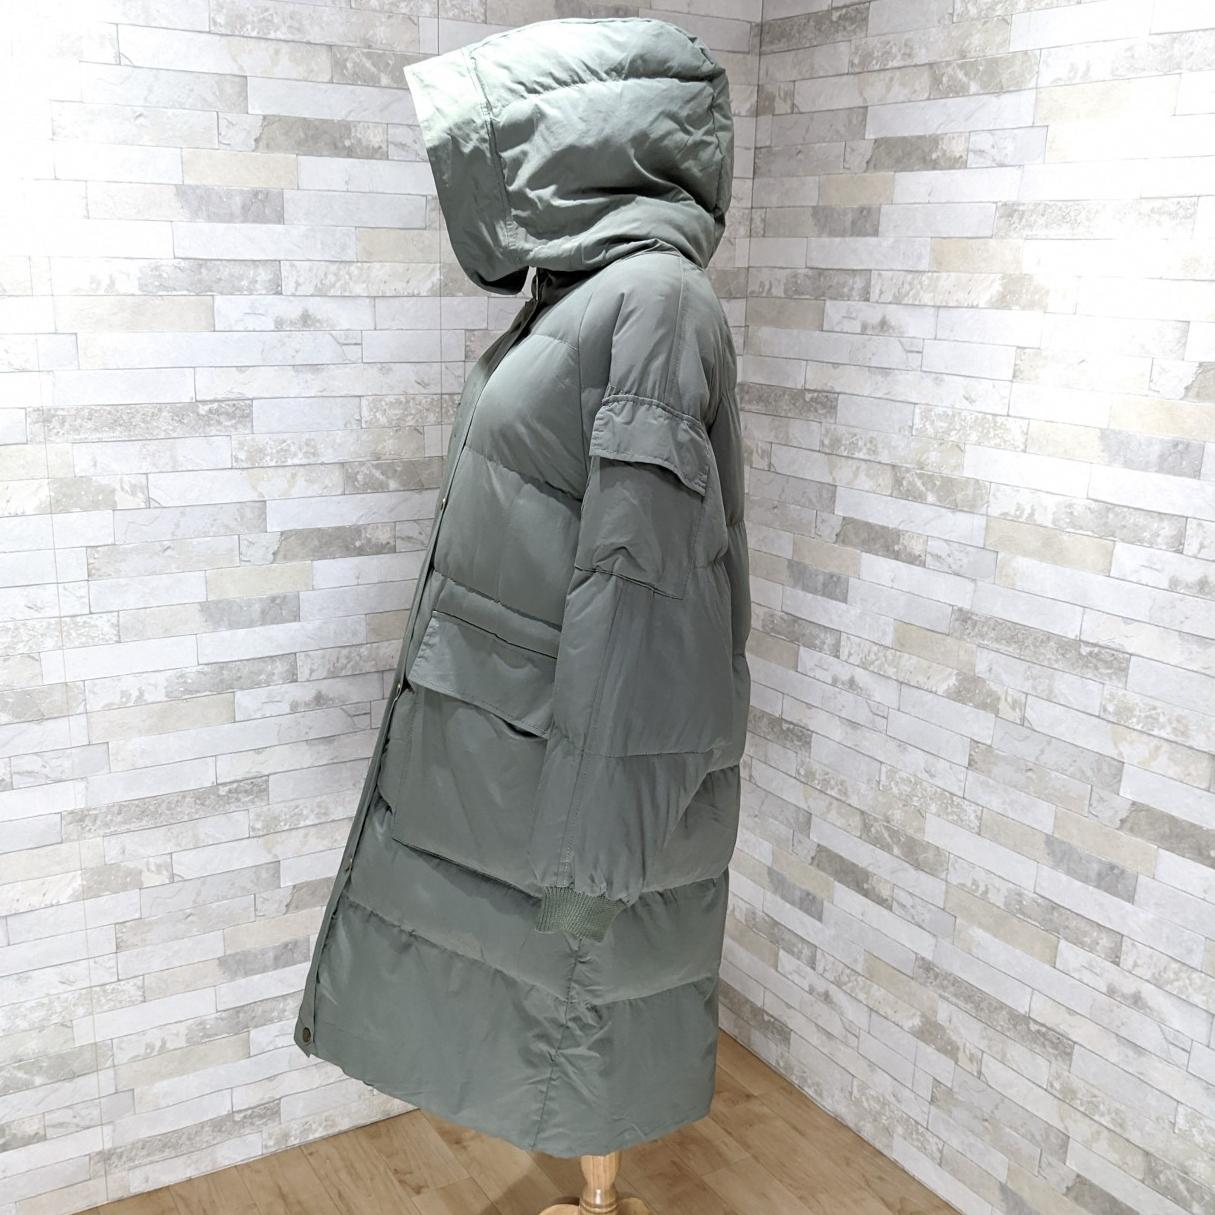 【即納】韓国 ファッション アウター ダウンジャケット ダウンコート 秋 冬 カジュアル SPTXD596  ペールカラー もこもこ ロング オーバーサイズ エコ オルチャン シンプル 定番 セレカジの写真16枚目